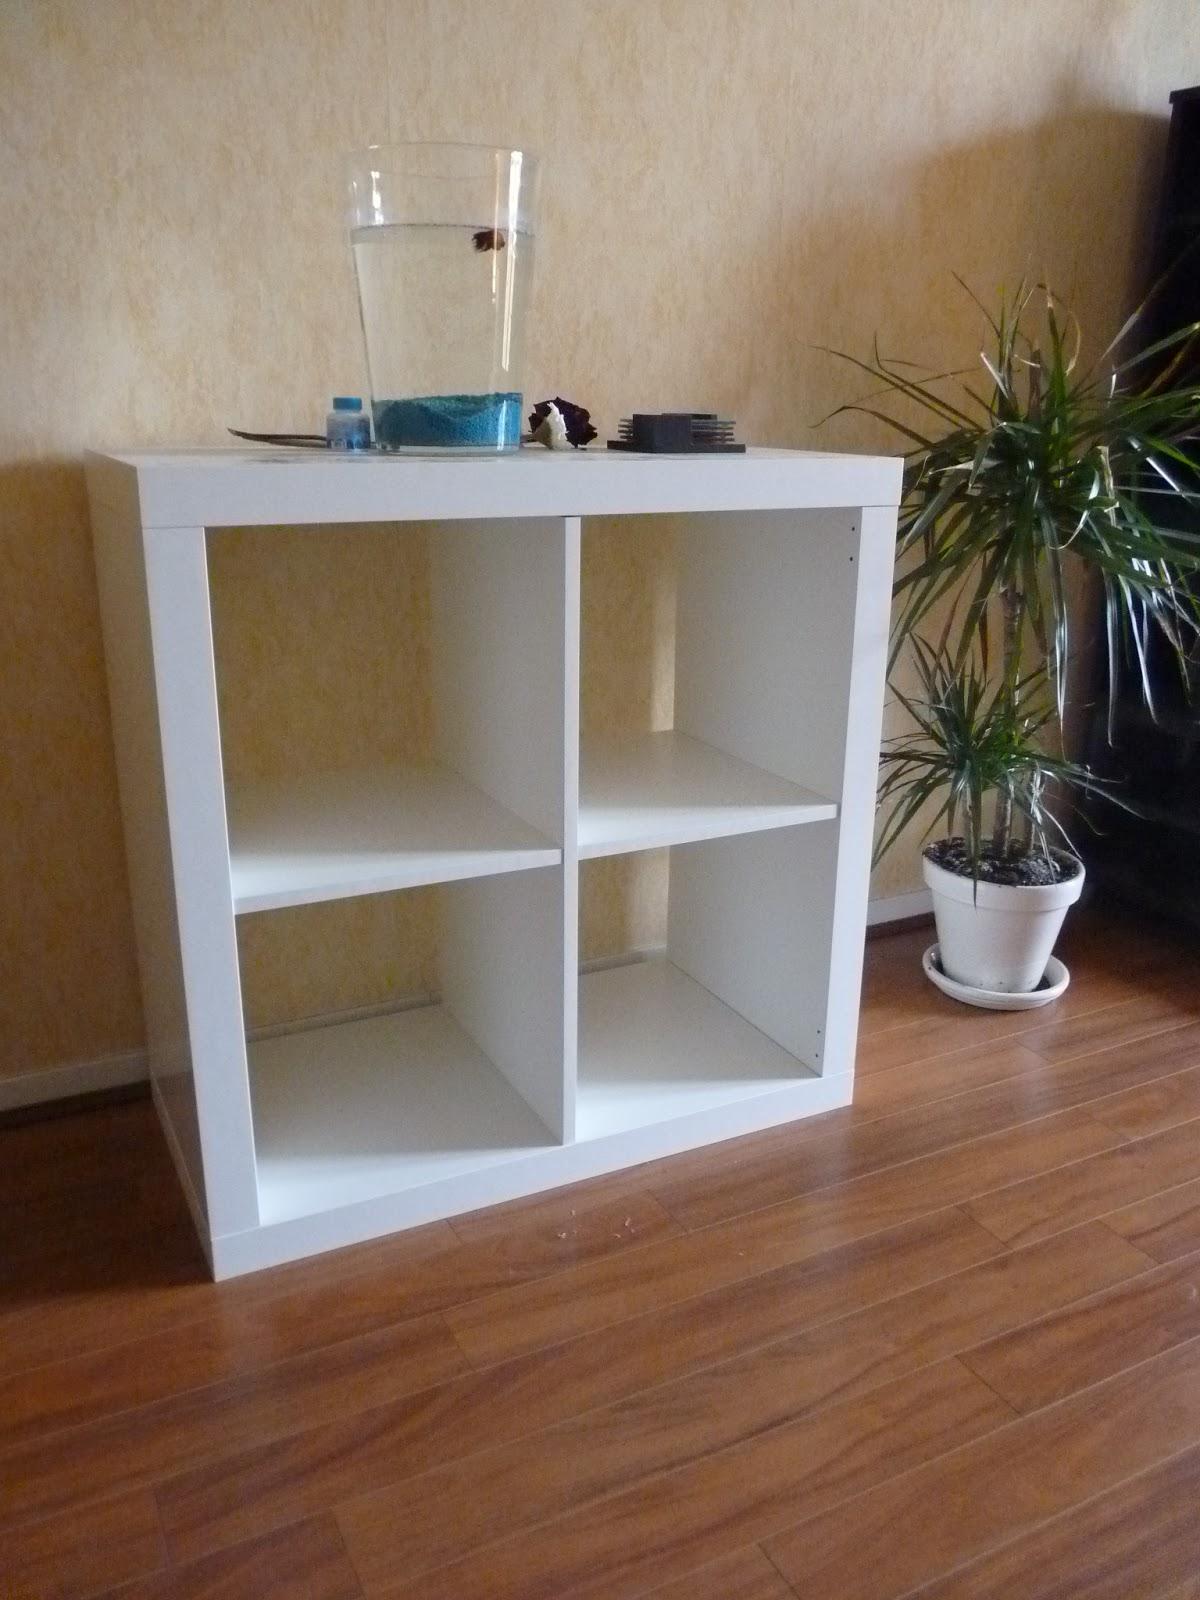 Creacris cr ation de tiroirs en carton pour meuble basique for Tiroir pour meuble